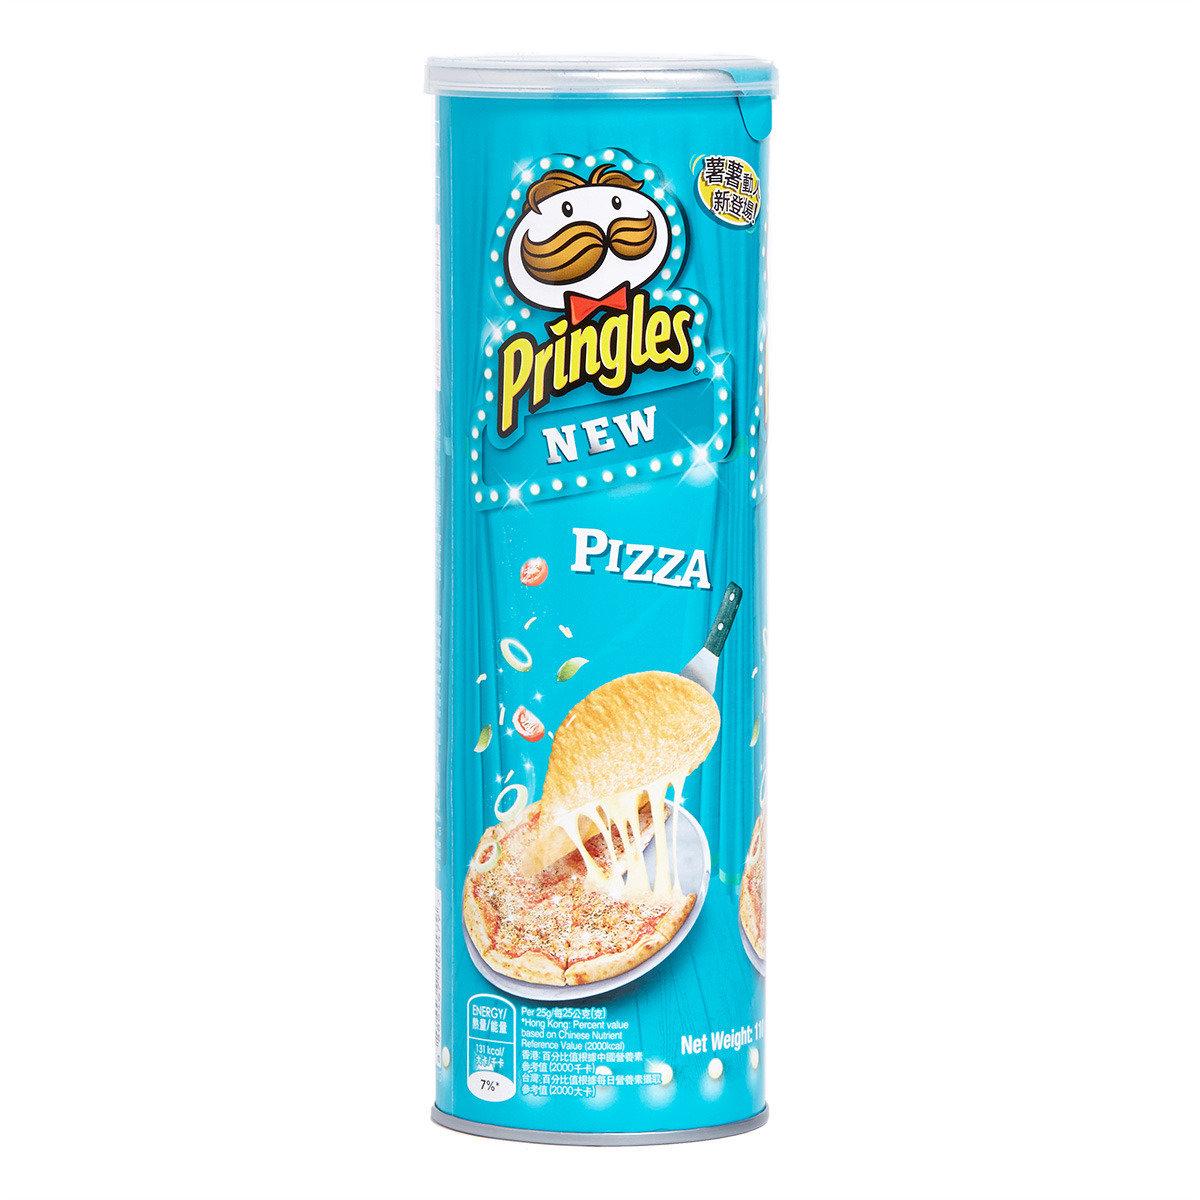 薯片 - 薄餅味